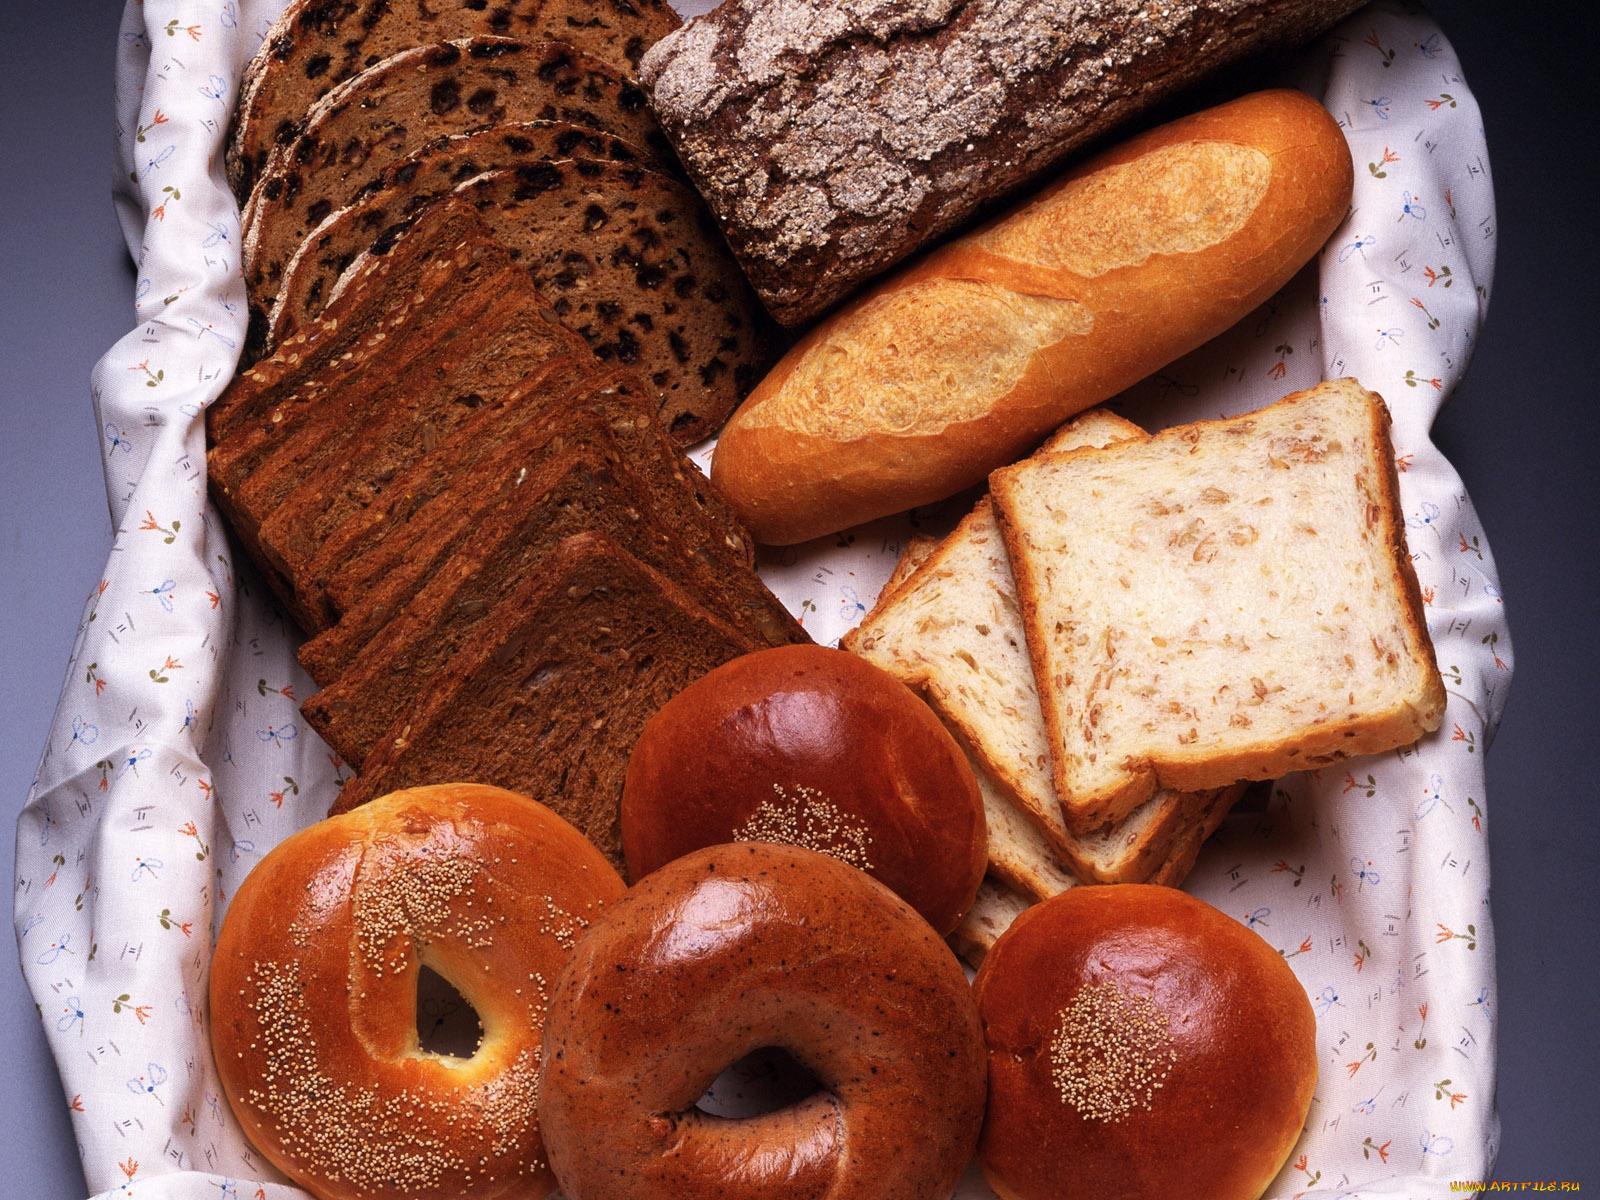 картинки хлеба и хлебобулочных изделий фото кого